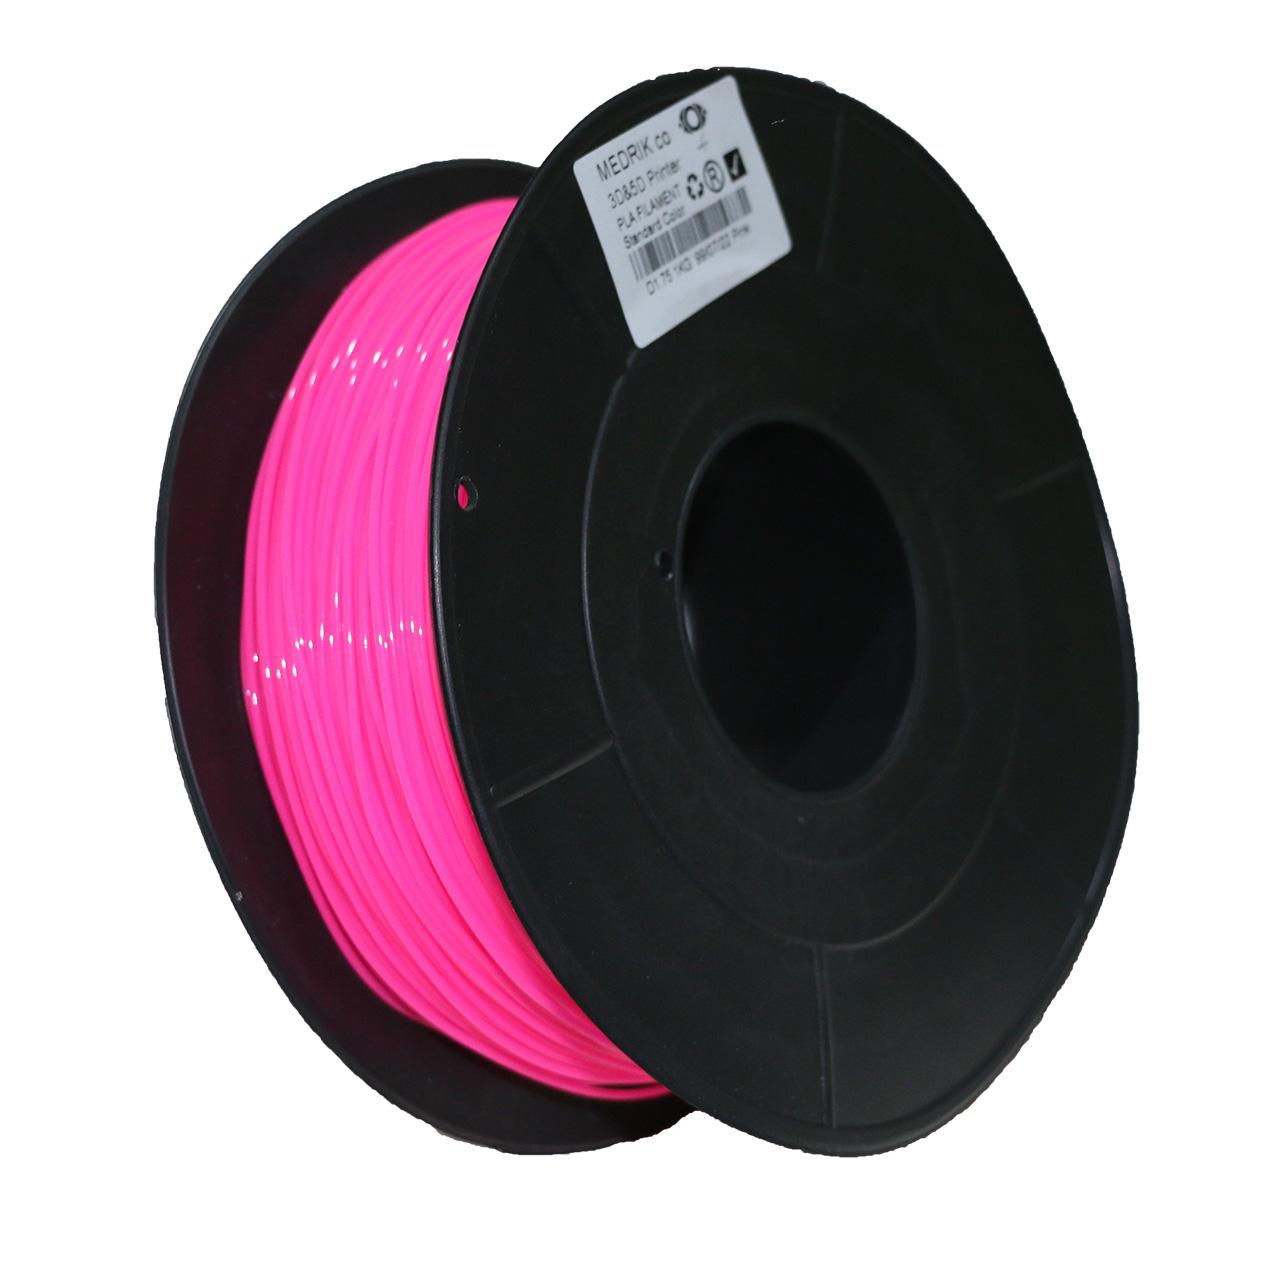 فیلامنت ABS پرینتر سه بعدی مدریک مدلABS123 قطر 1.75 میلیمتر1کیلوگرم